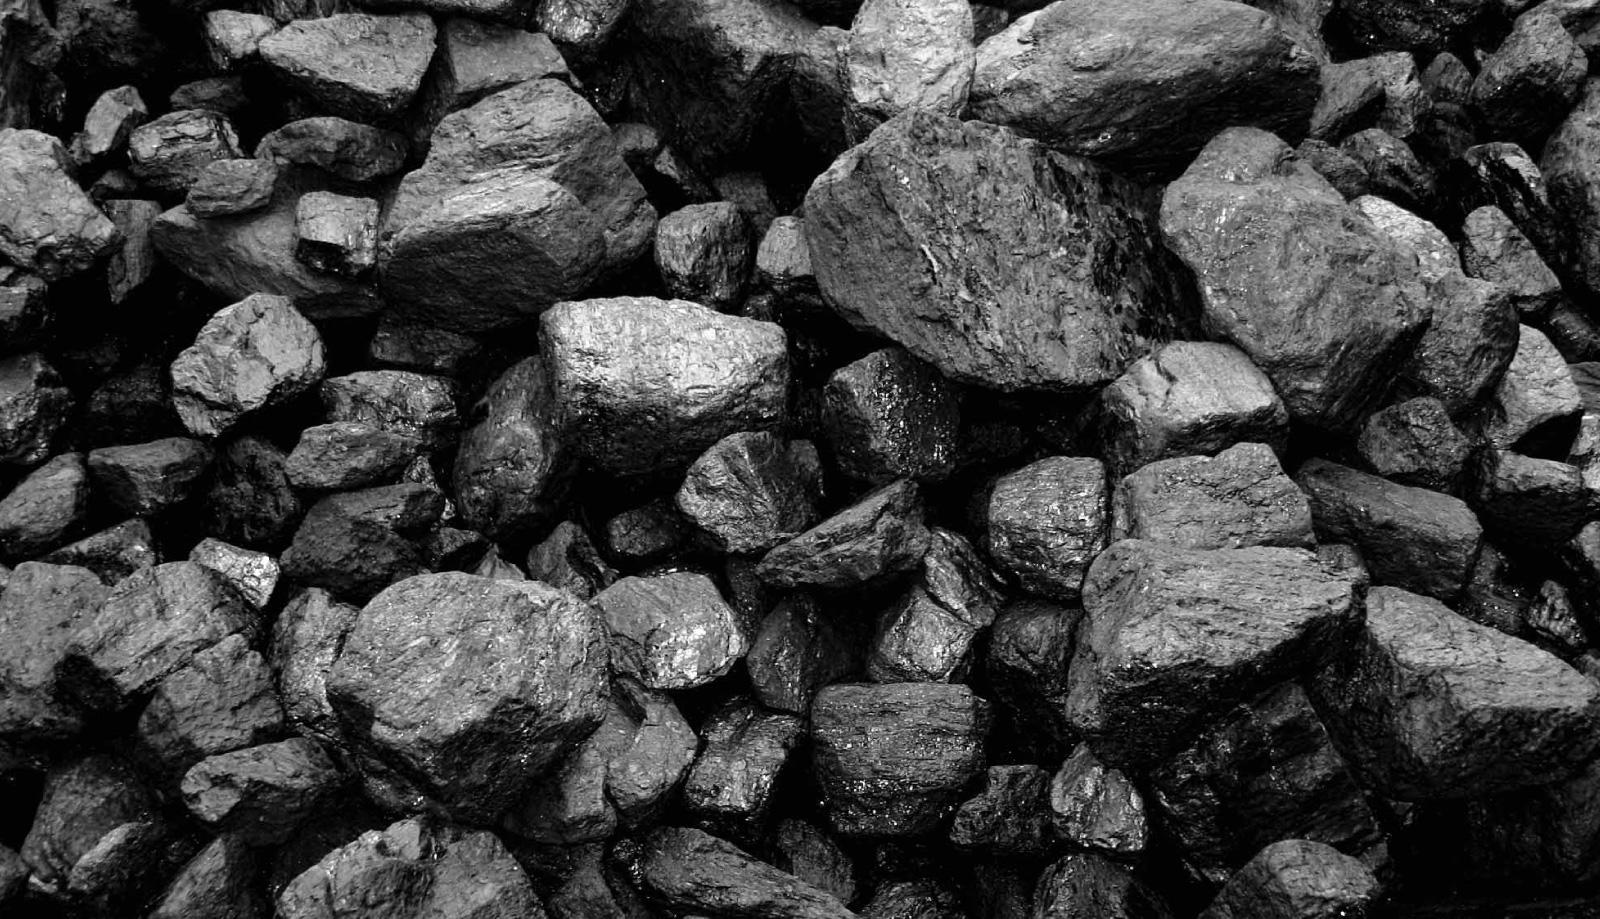 В Астану привезли более 5,5 тонн угля, Астана, Поставка, Уголь